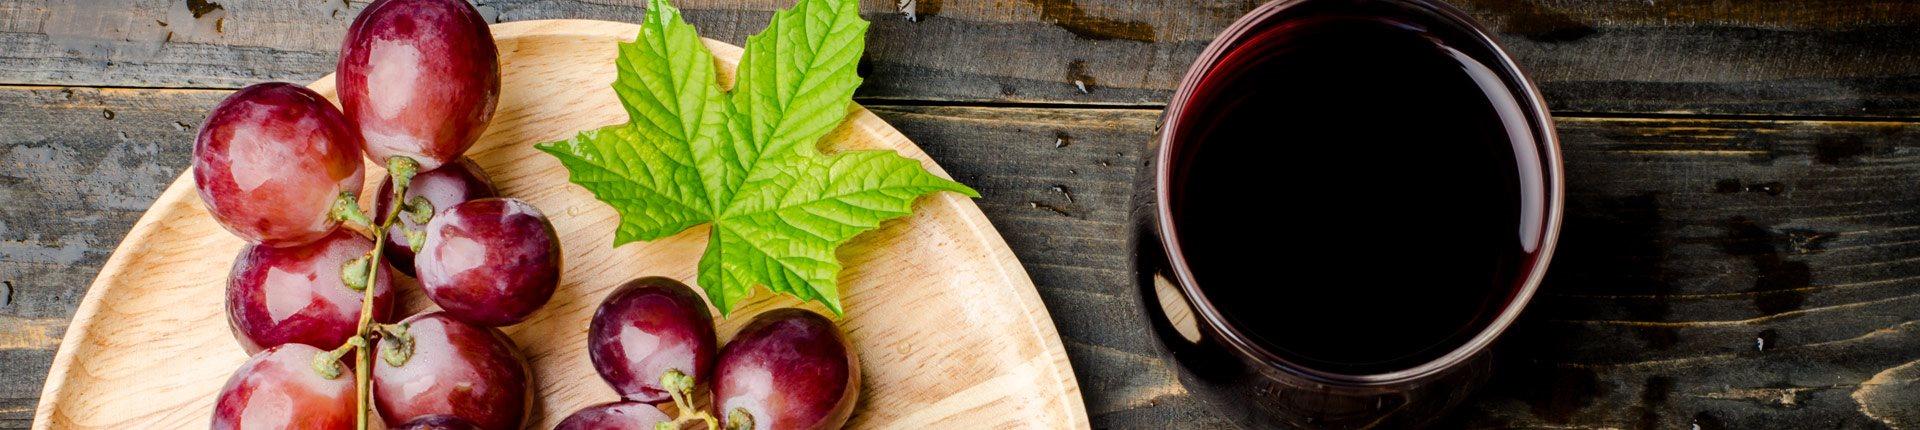 Sok winogronowy działa jak aspiryna?